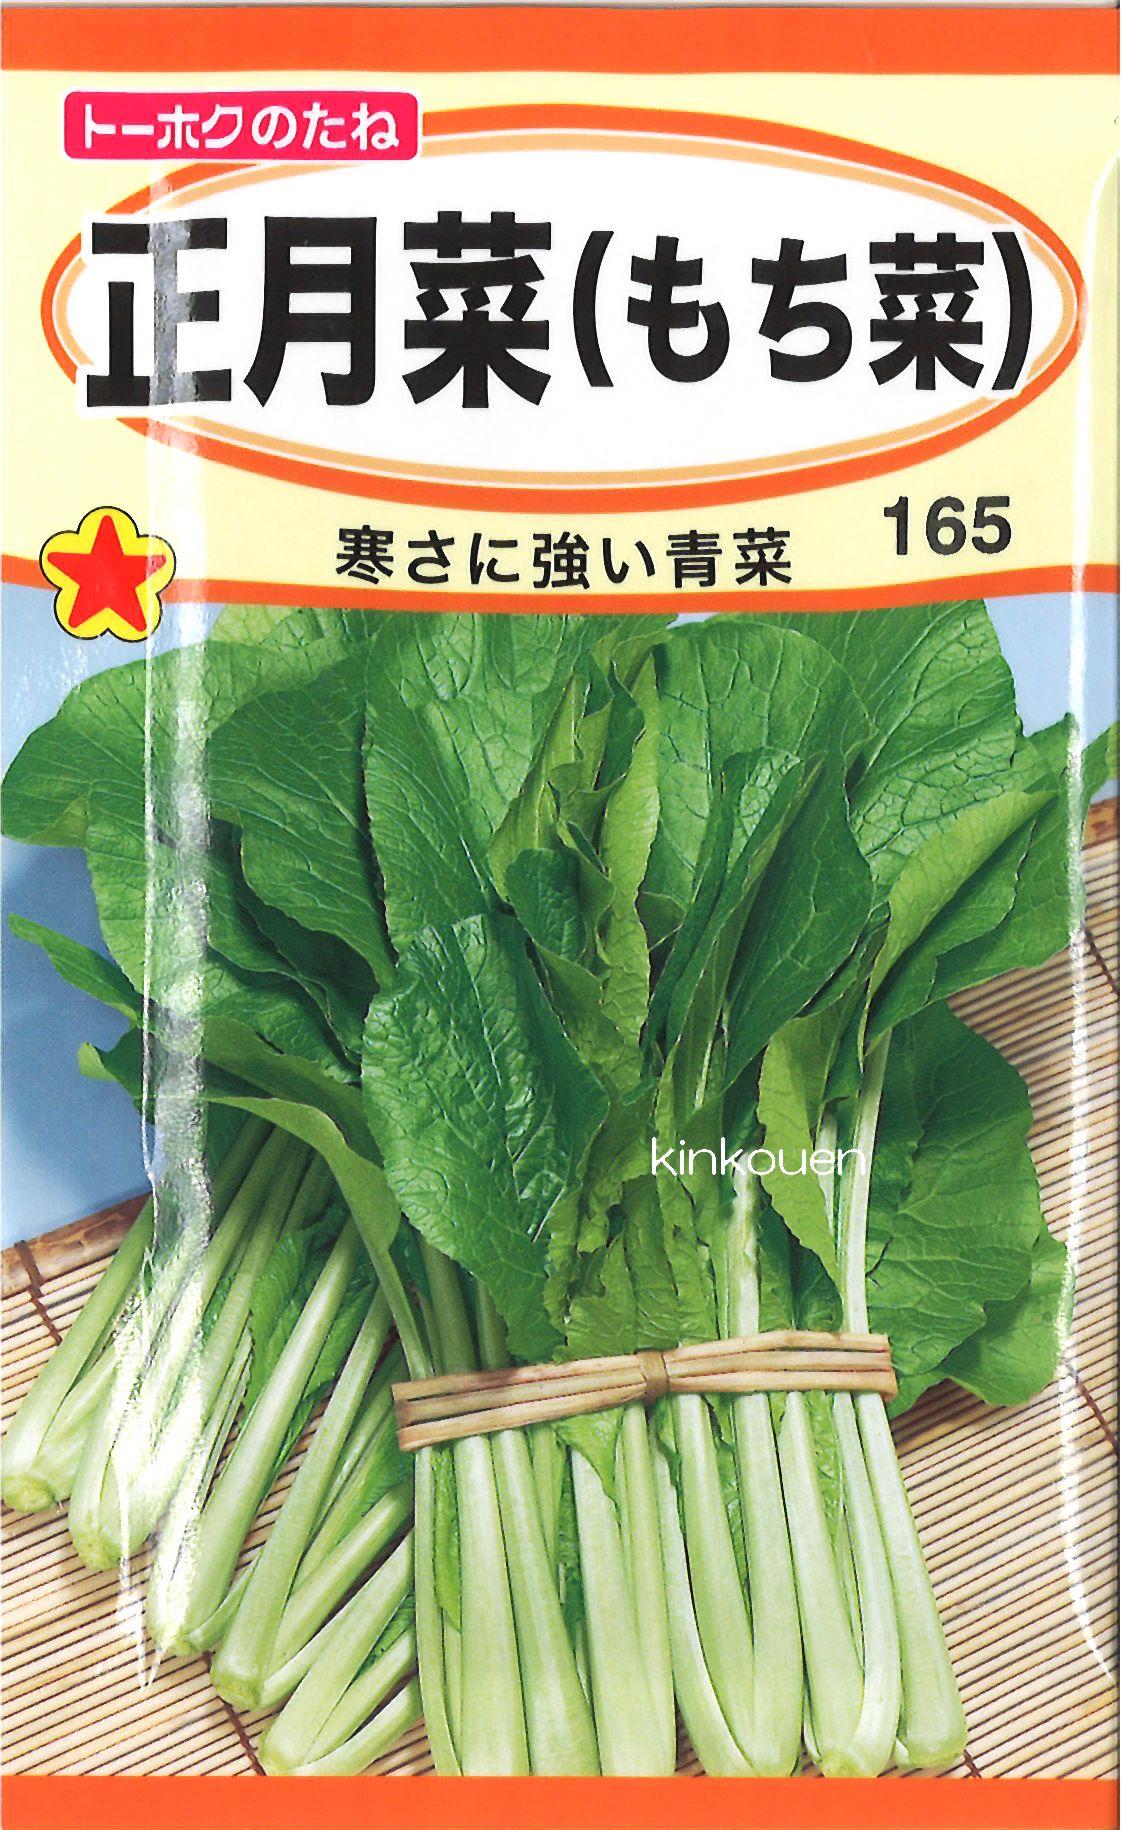 【代引不可】【5袋まで送料80円】 □正月菜